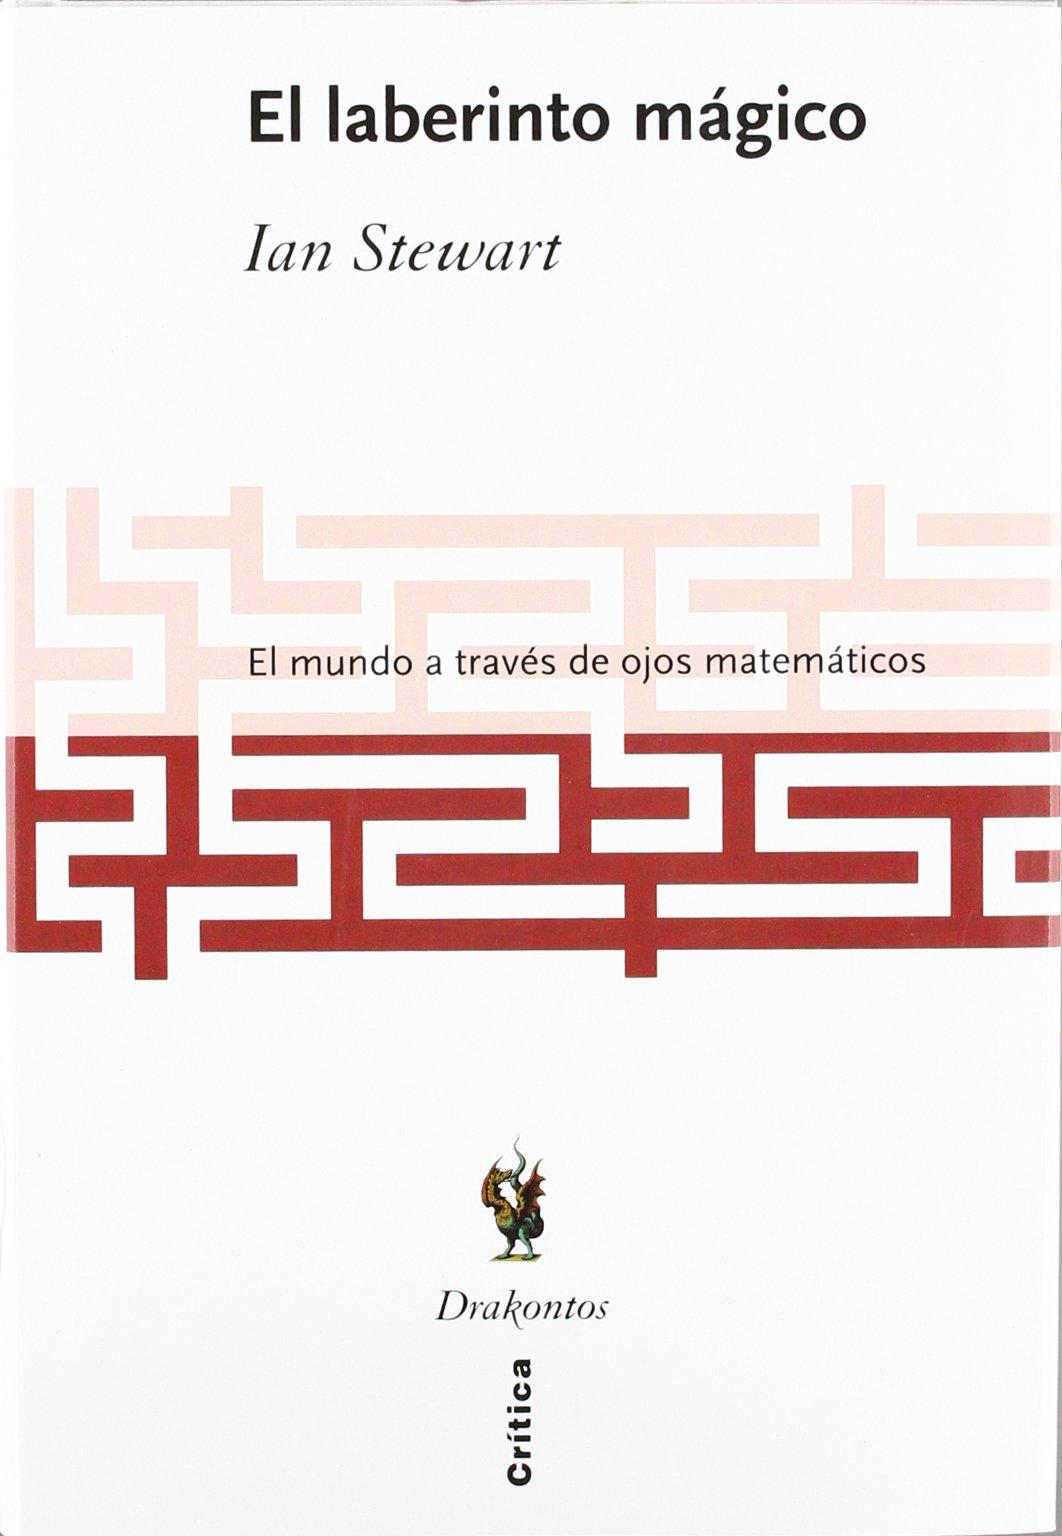 El laberinto mágico (Drakontos): Amazon.es: Ian Stewart: Libros